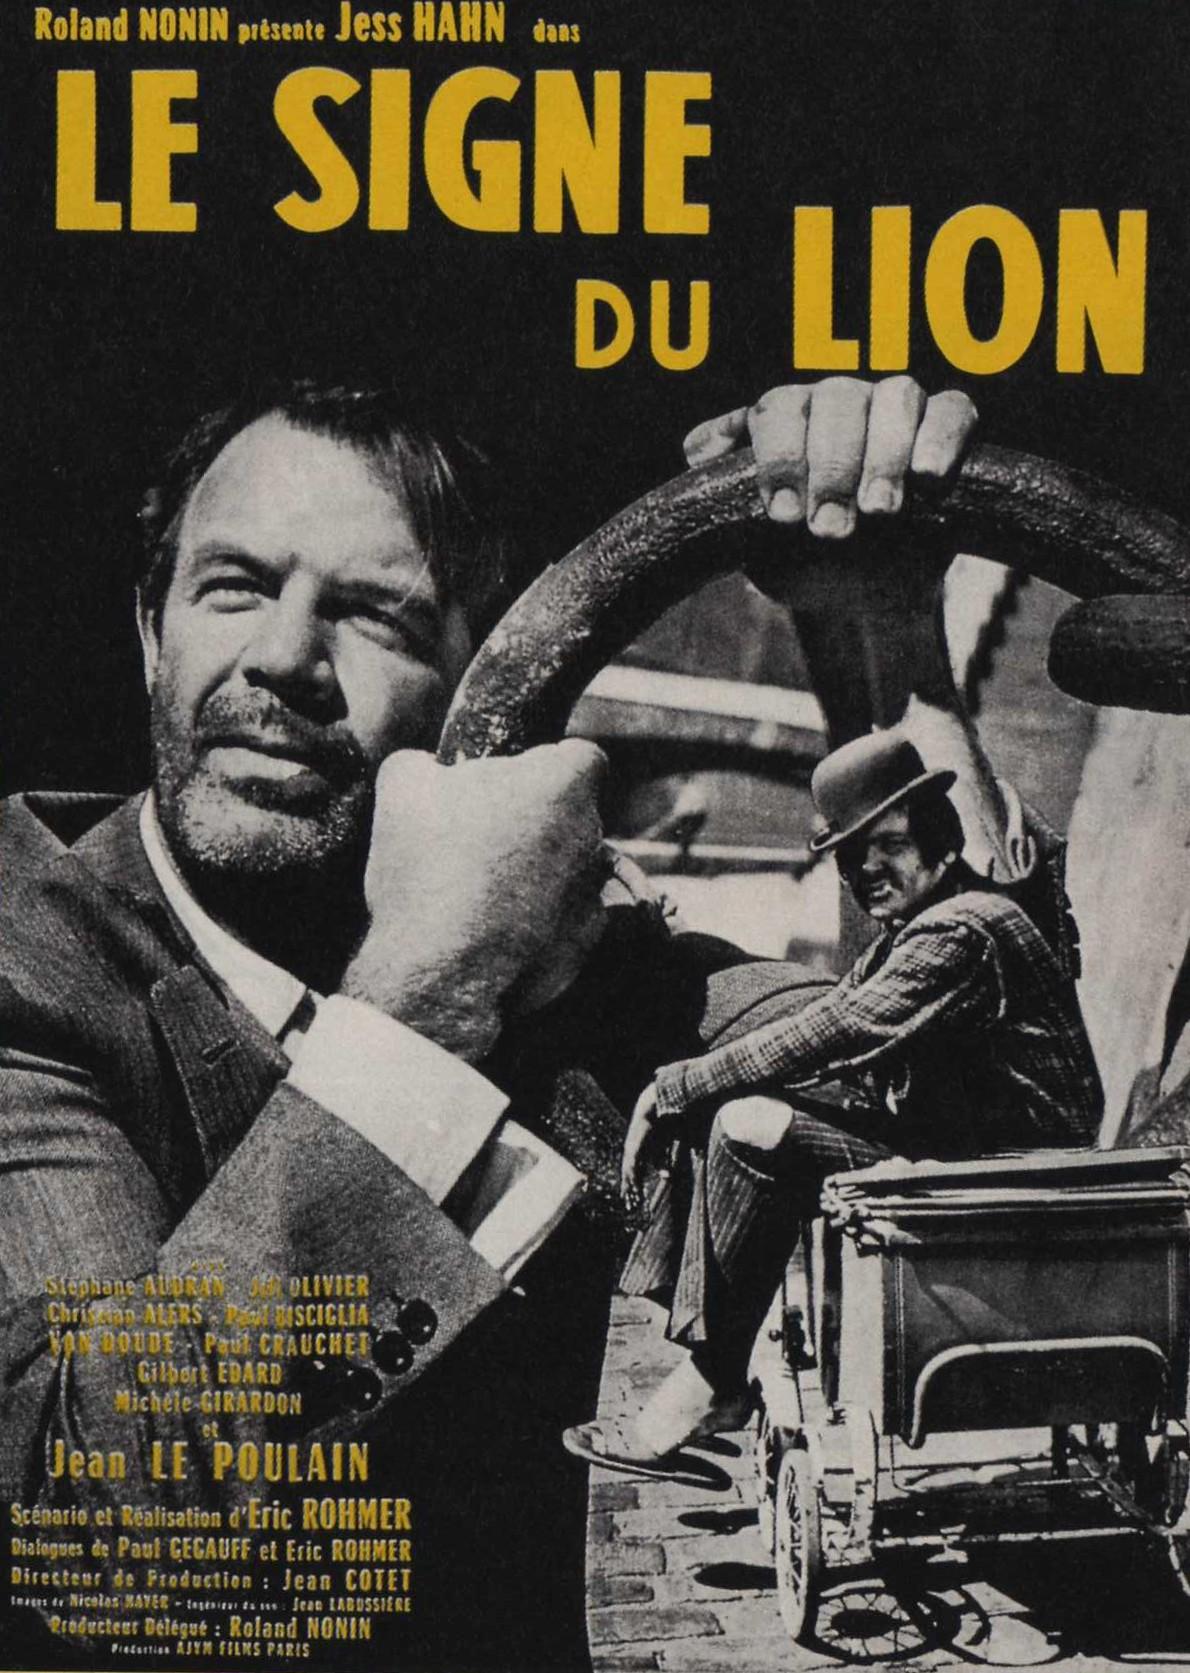 Votre dernier film visionné Le_signe_du_lion-20110524082216